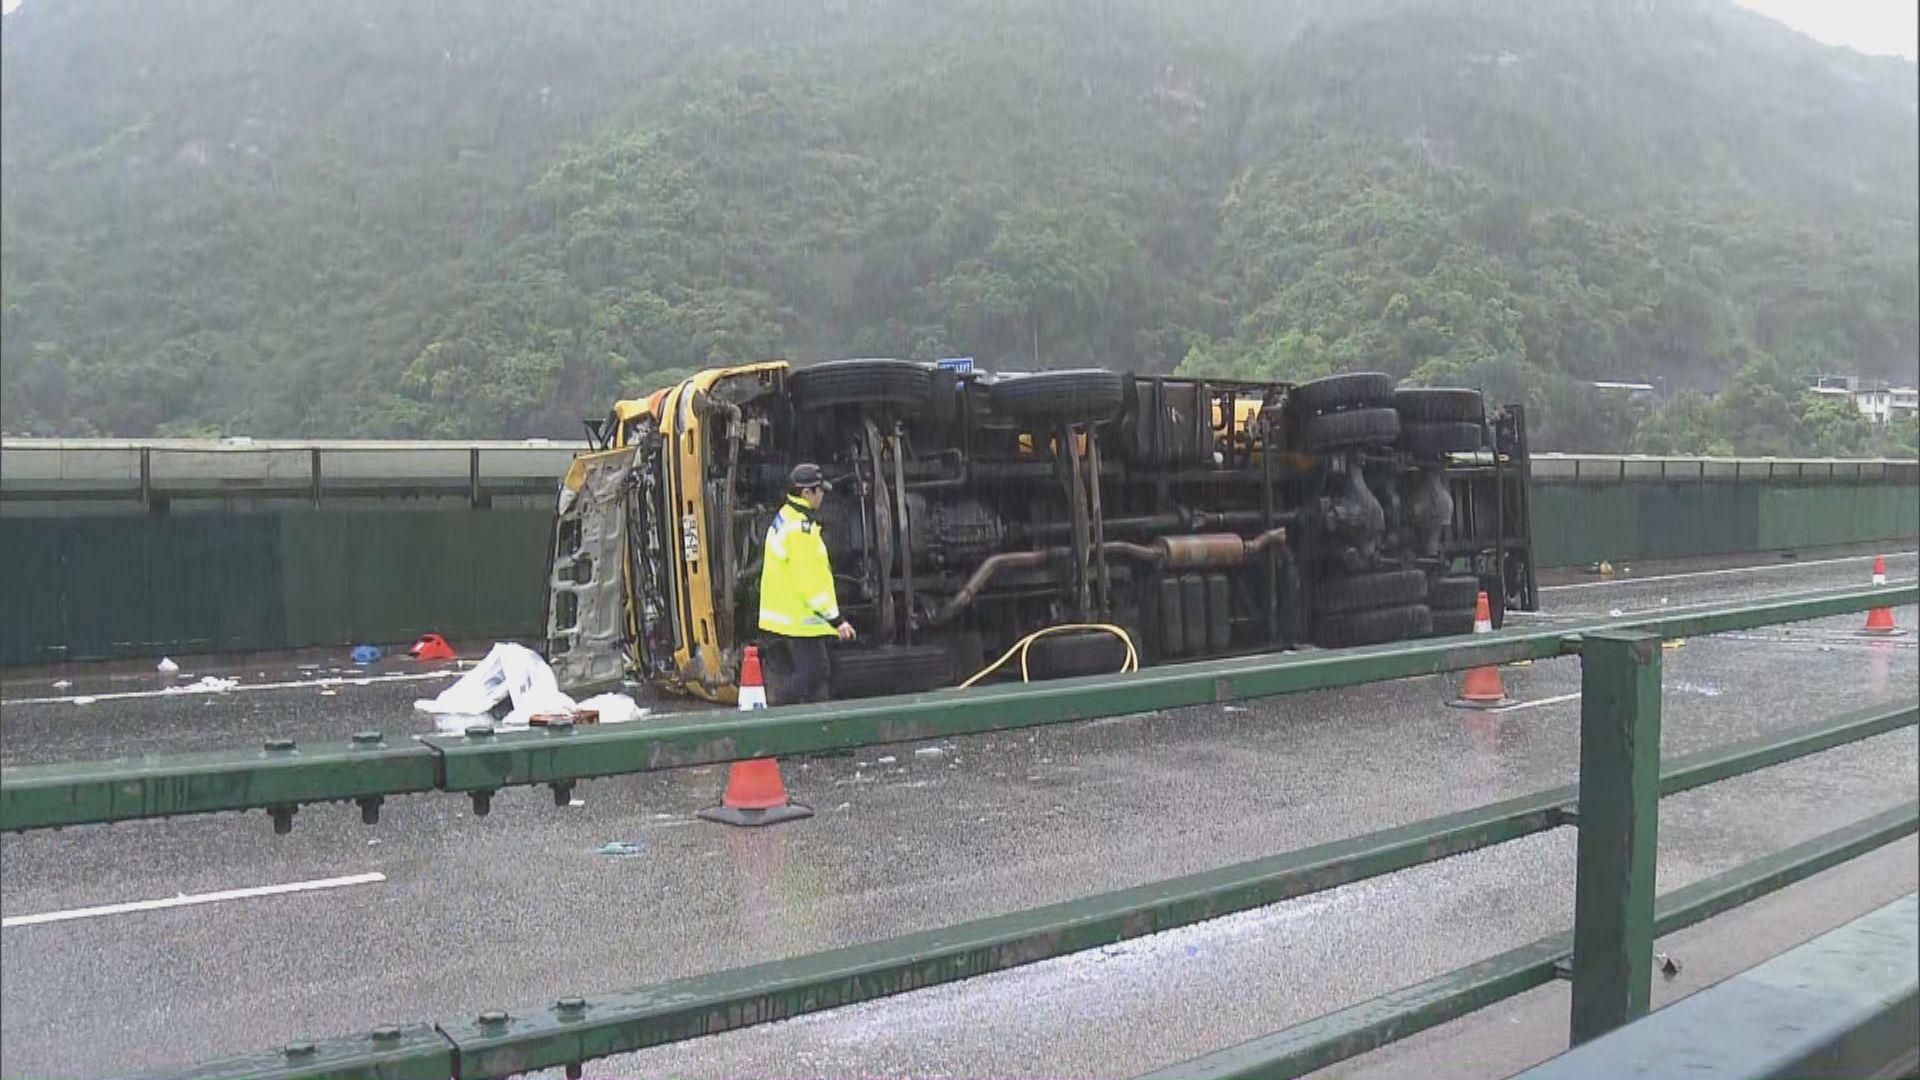 屯門公路重型車失控翻側司機重傷